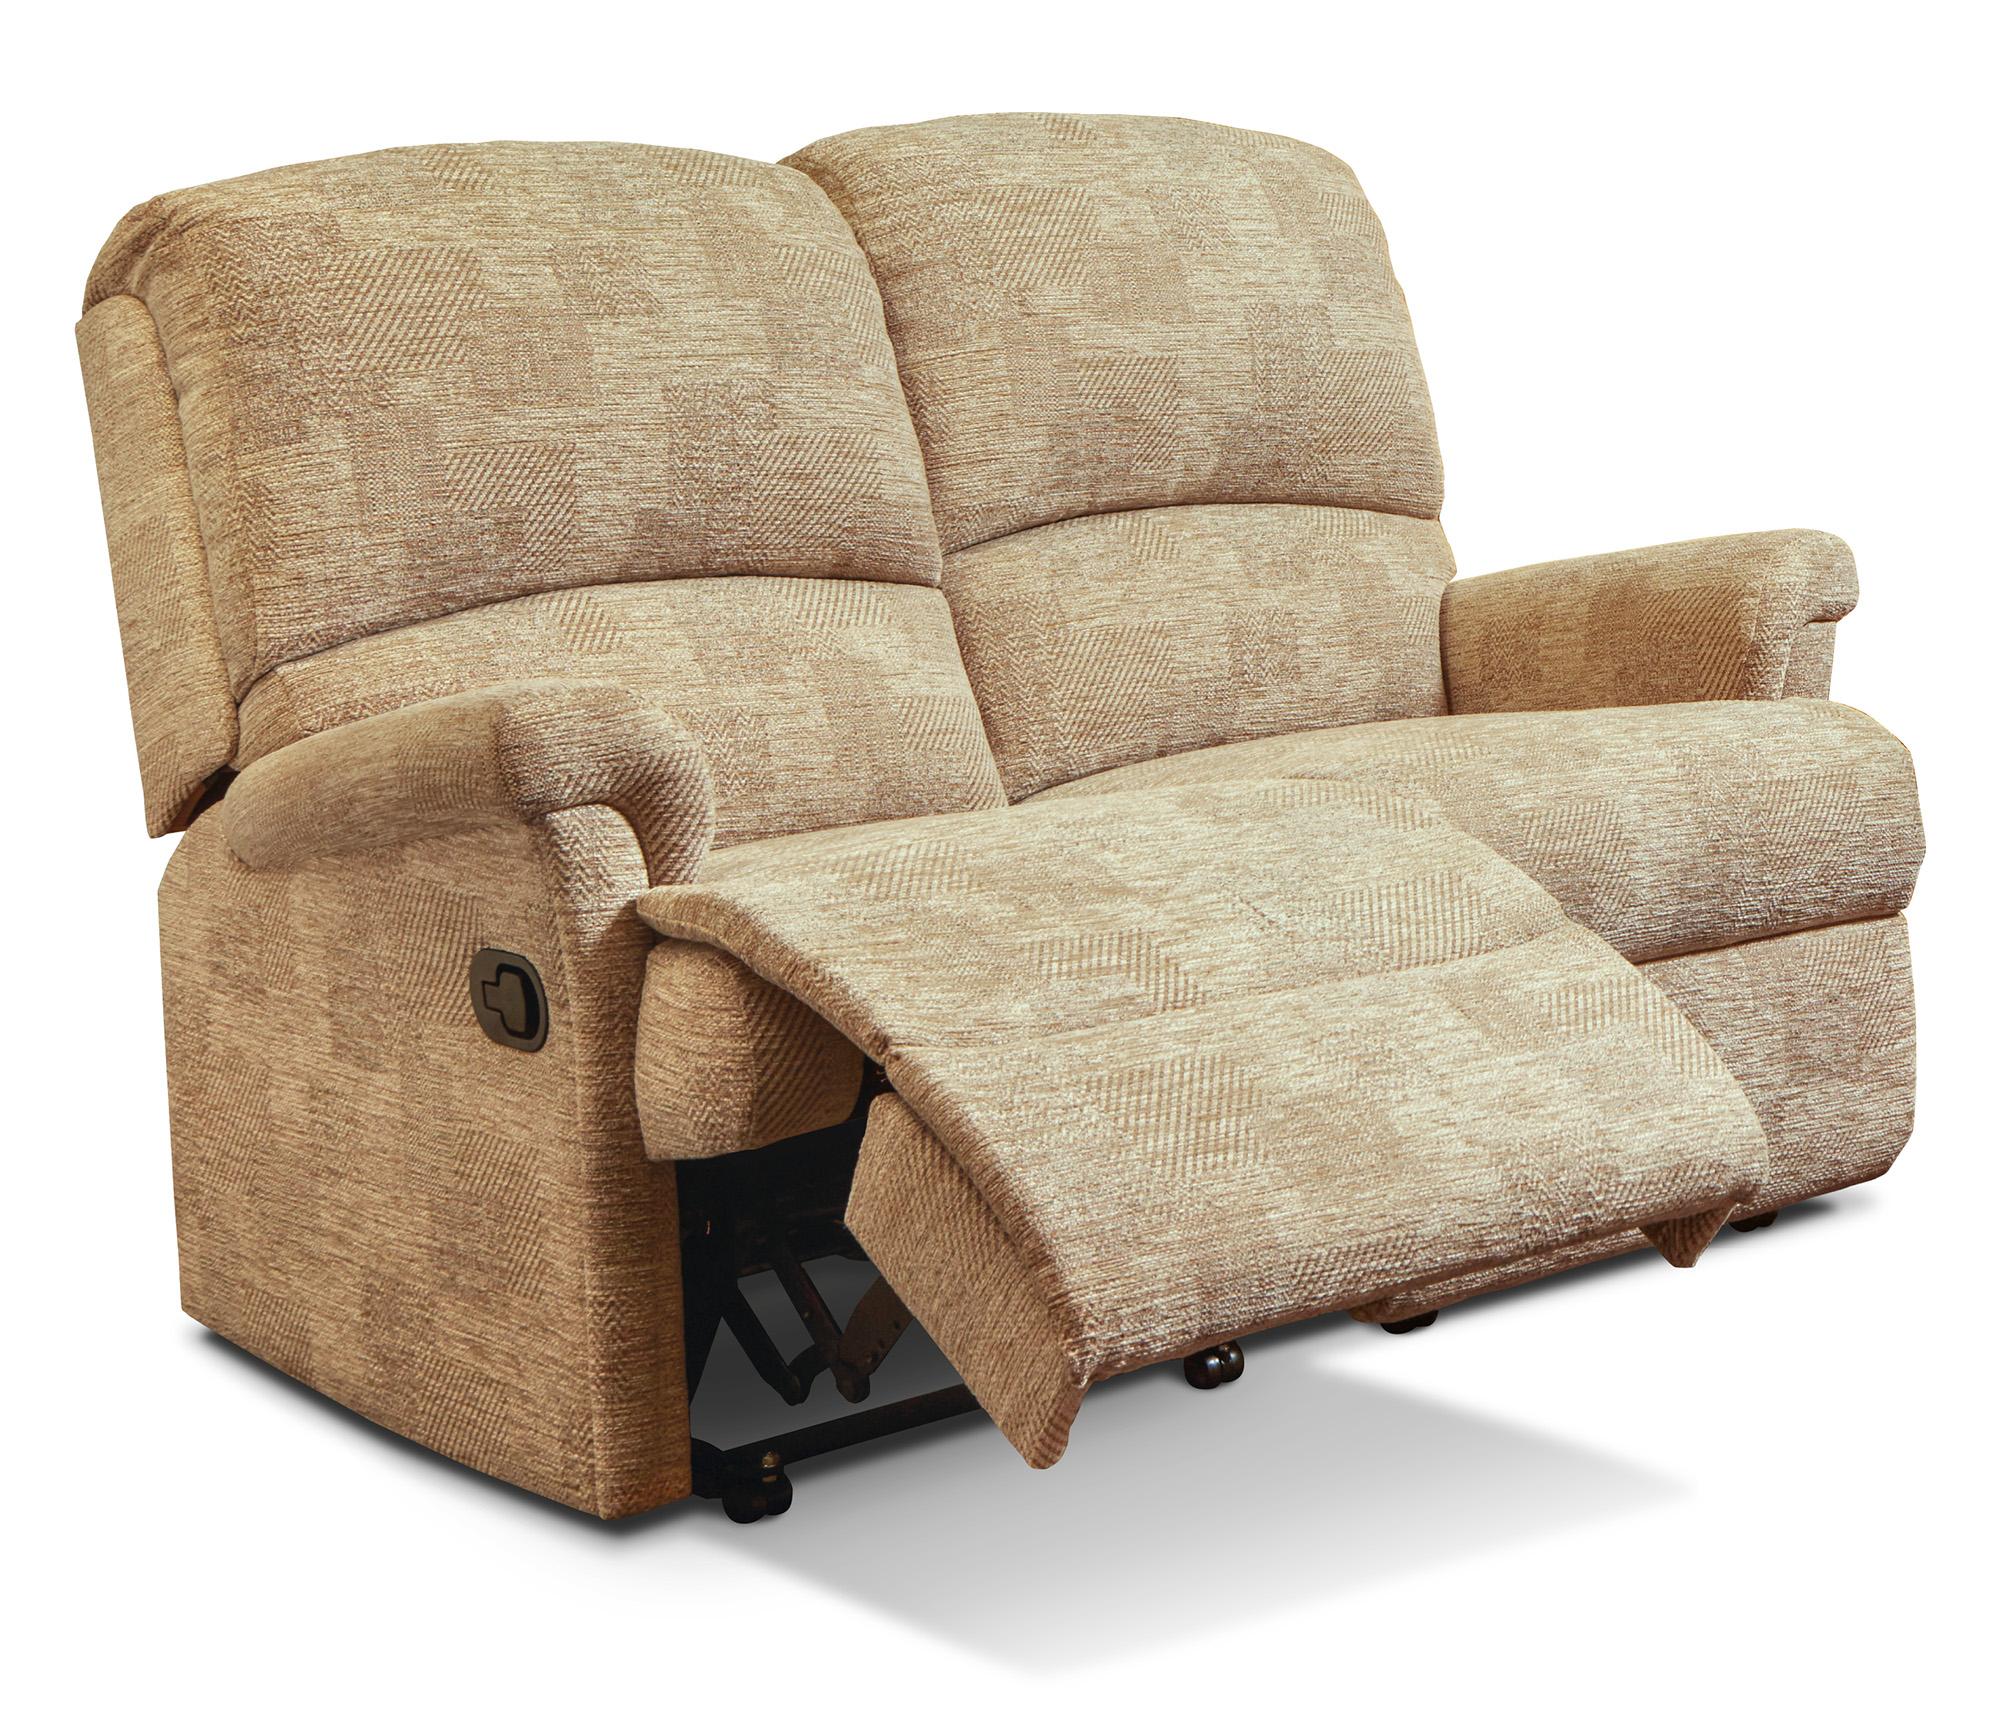 Nevada 2 Seater Reclining Sofa